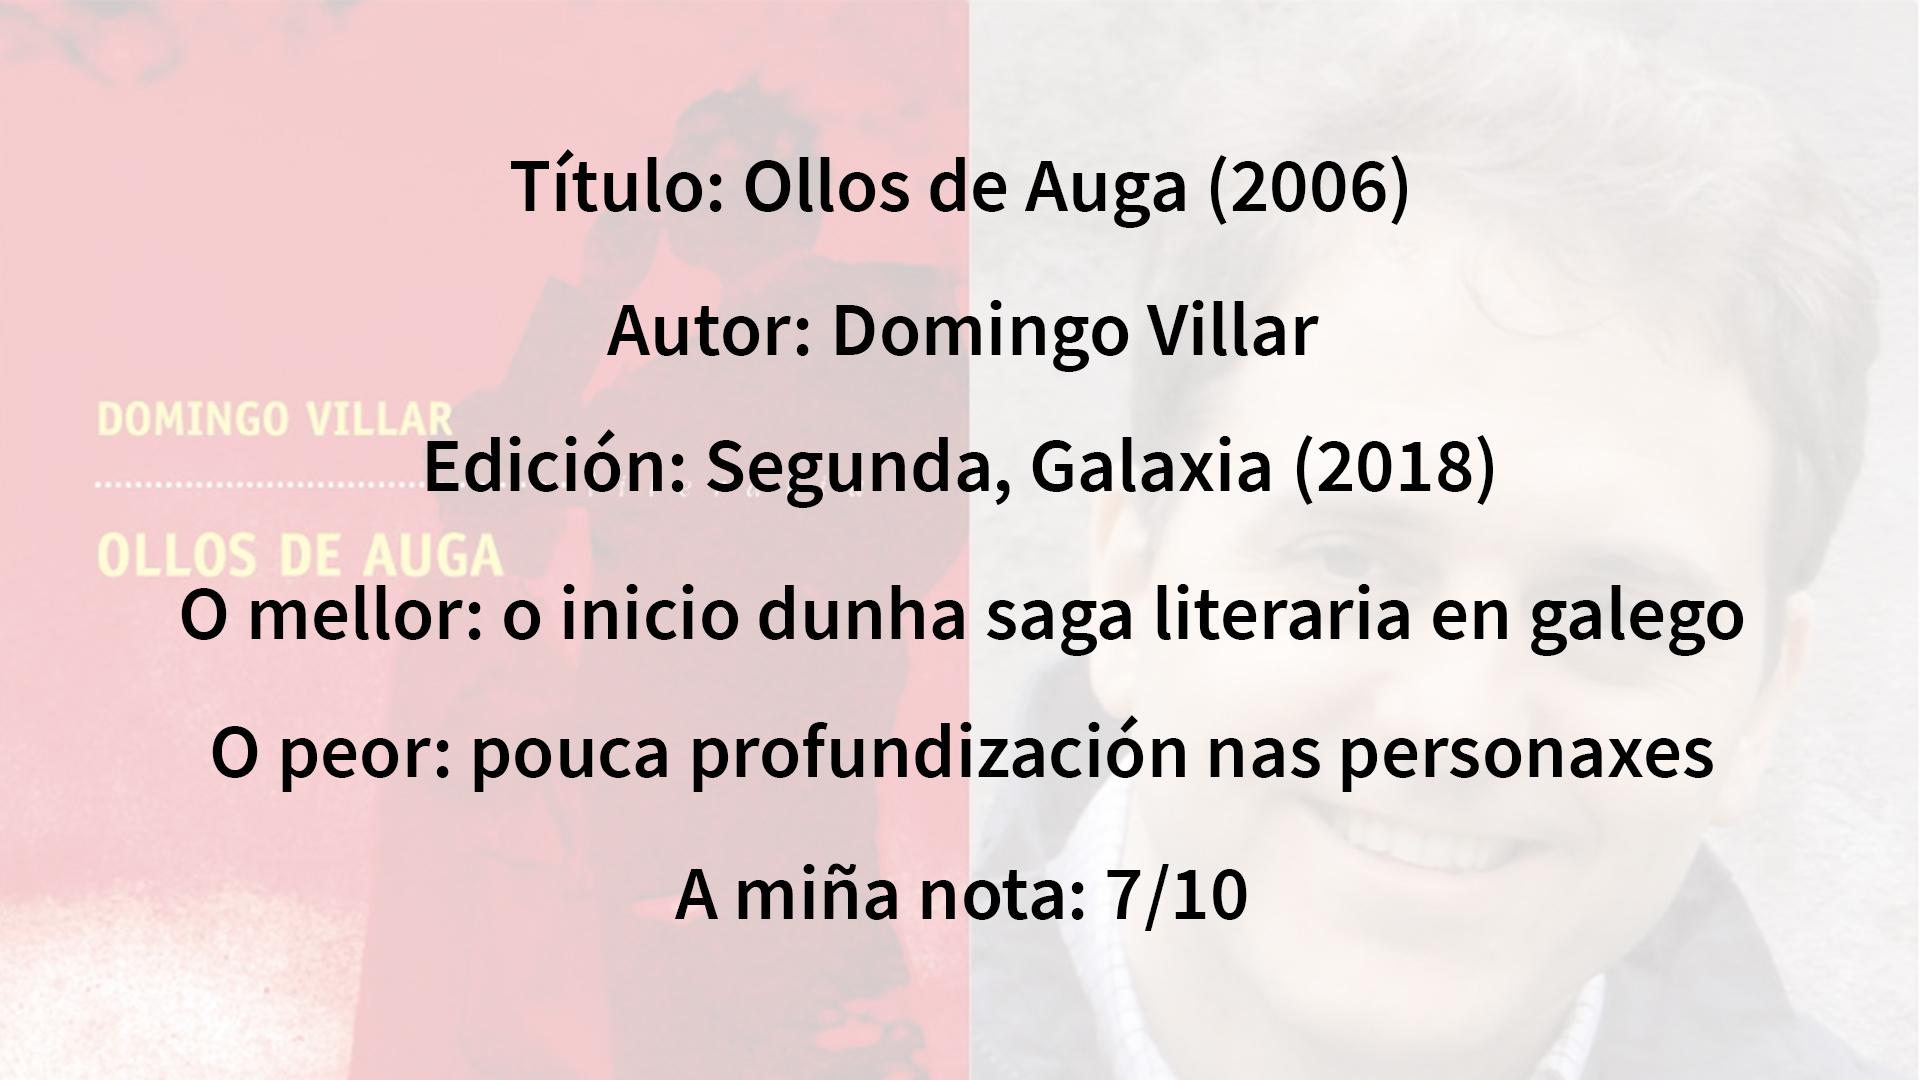 Ollos de Auga, de Domingo Villar (2006)